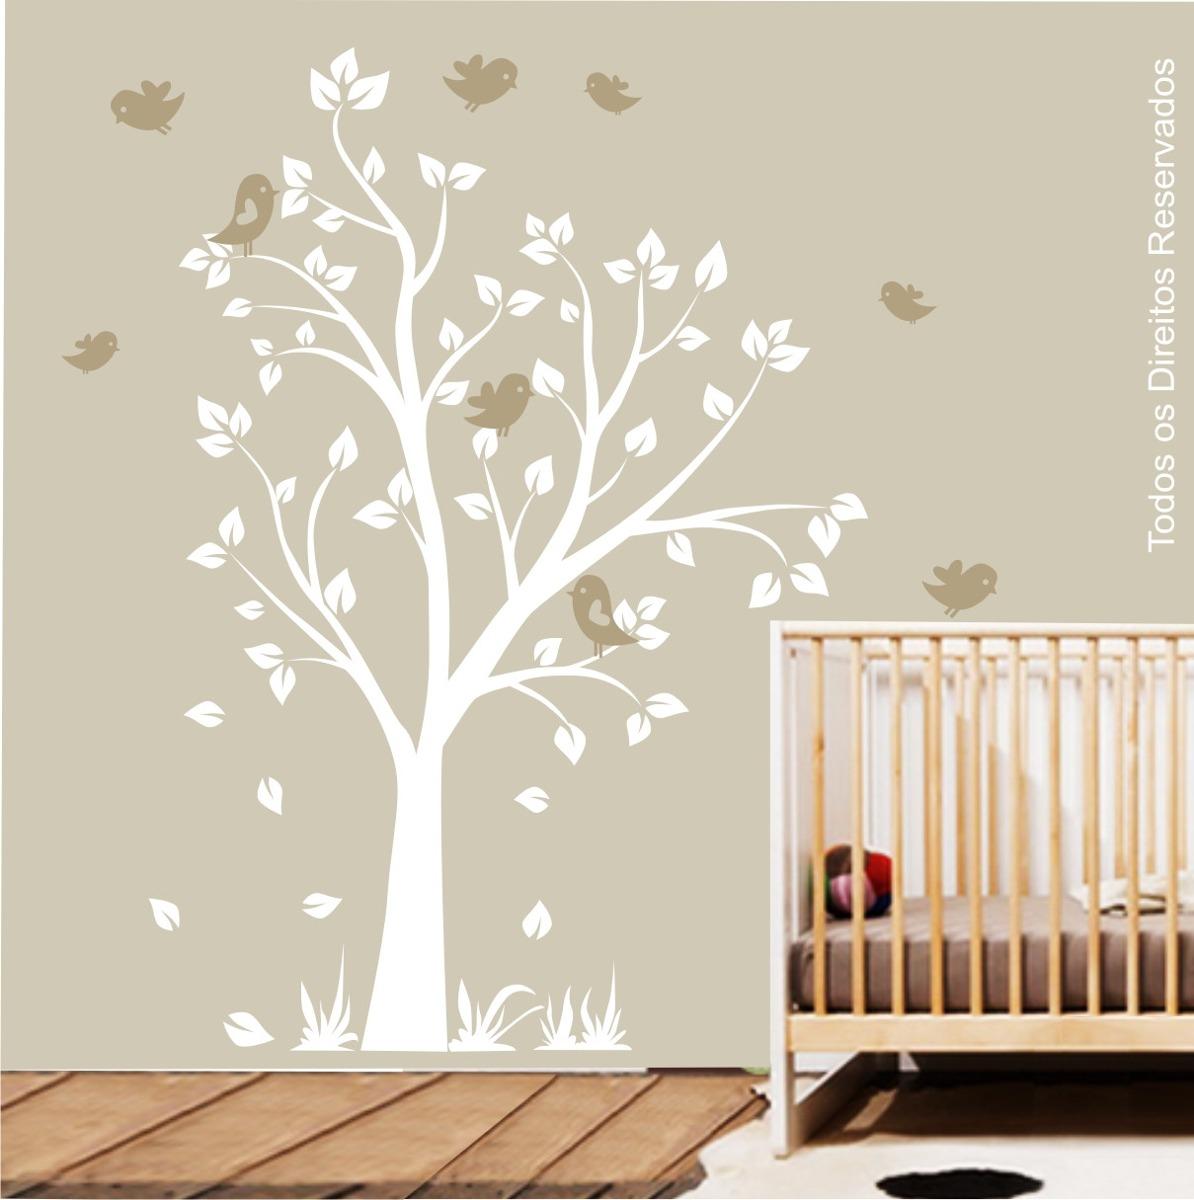 Aparador Pequeno Preto ~ Adesivo Papel Parede Infantil Passaros Safari Arvore Zoo M93 R$ 148,00 em Mercado Livre